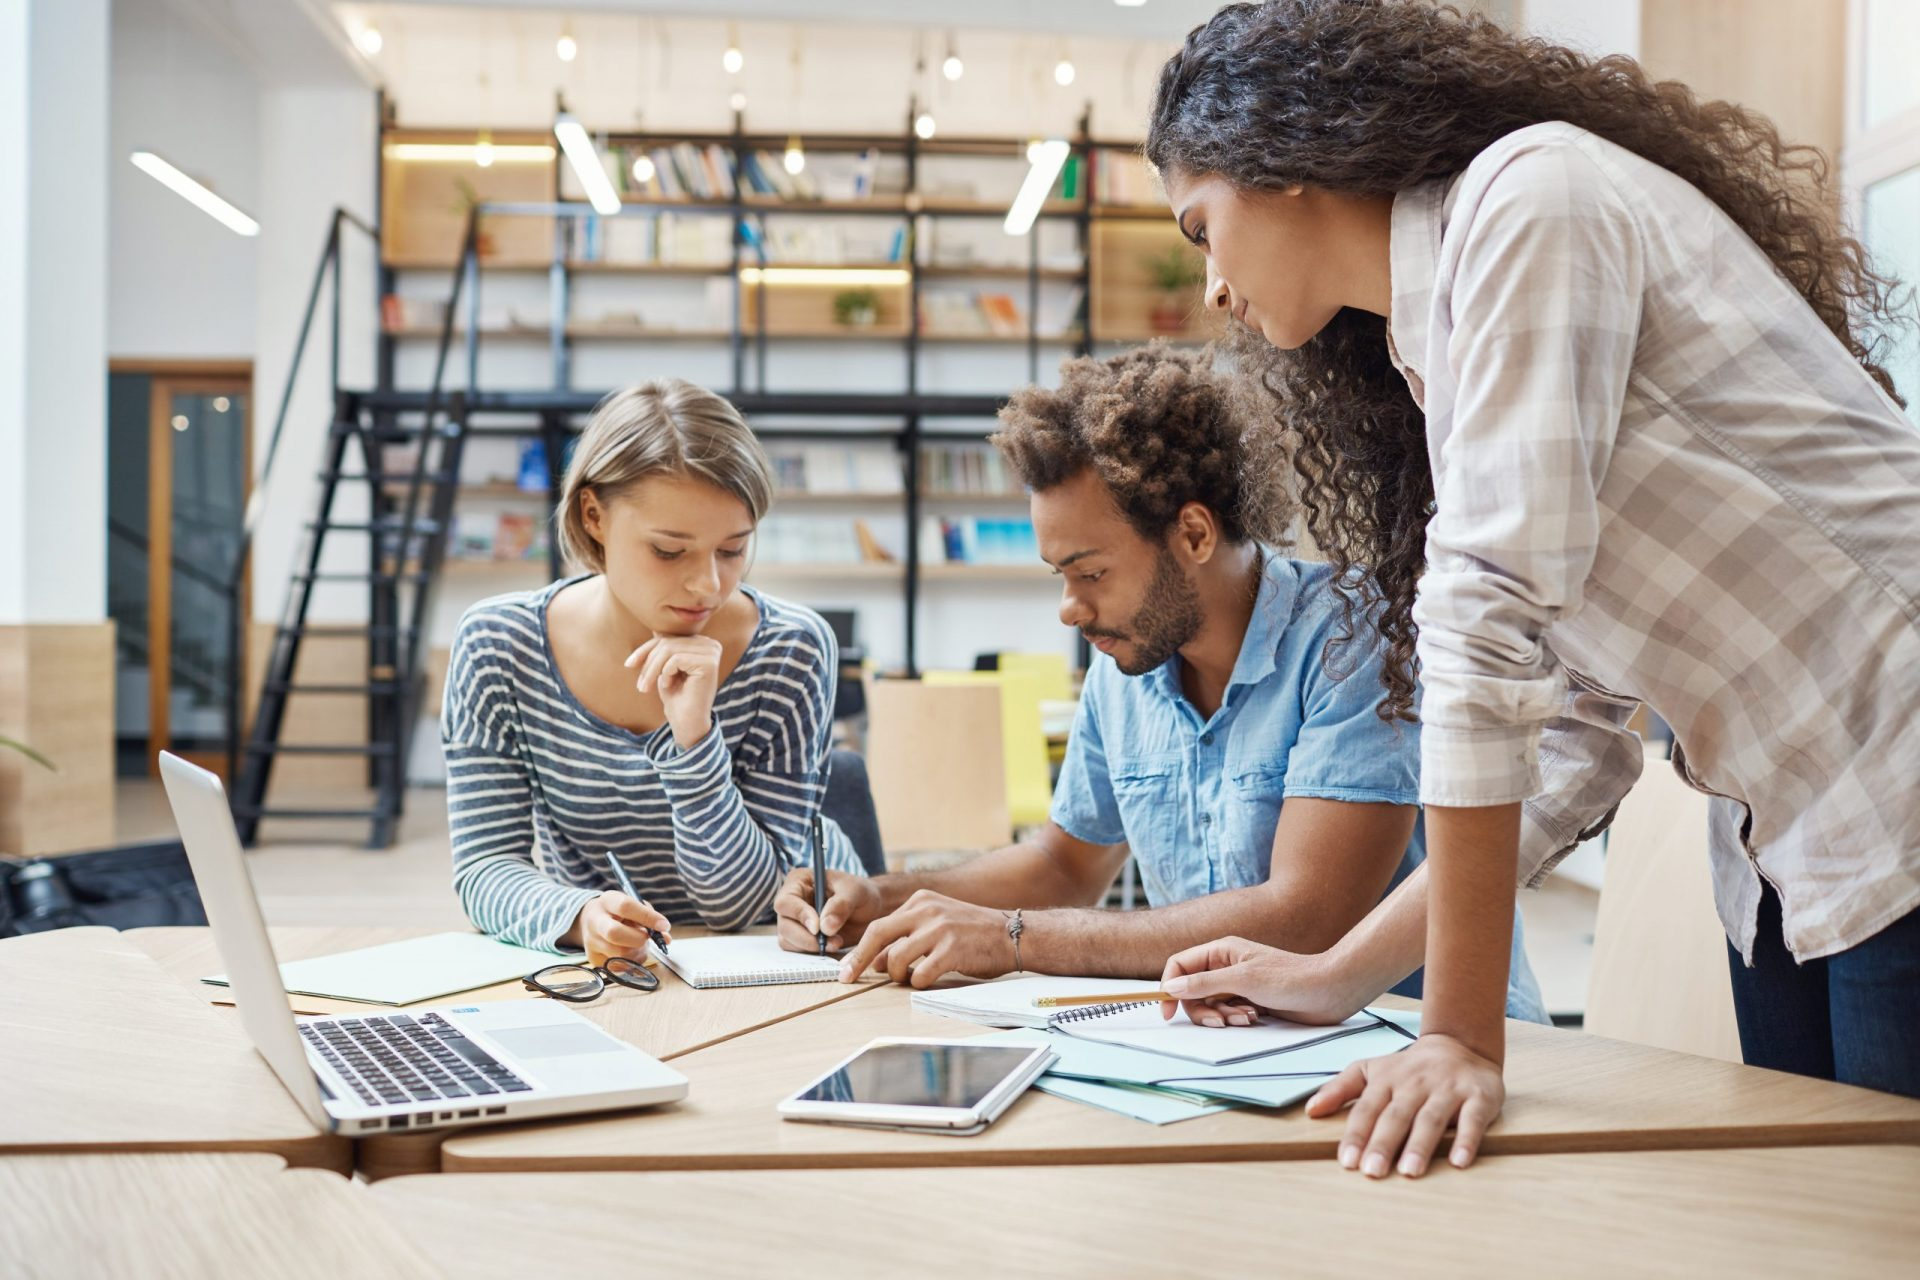 mulher e dois homens em escritório fazendo gerenciamento de projetos, com computador aberto na mesa